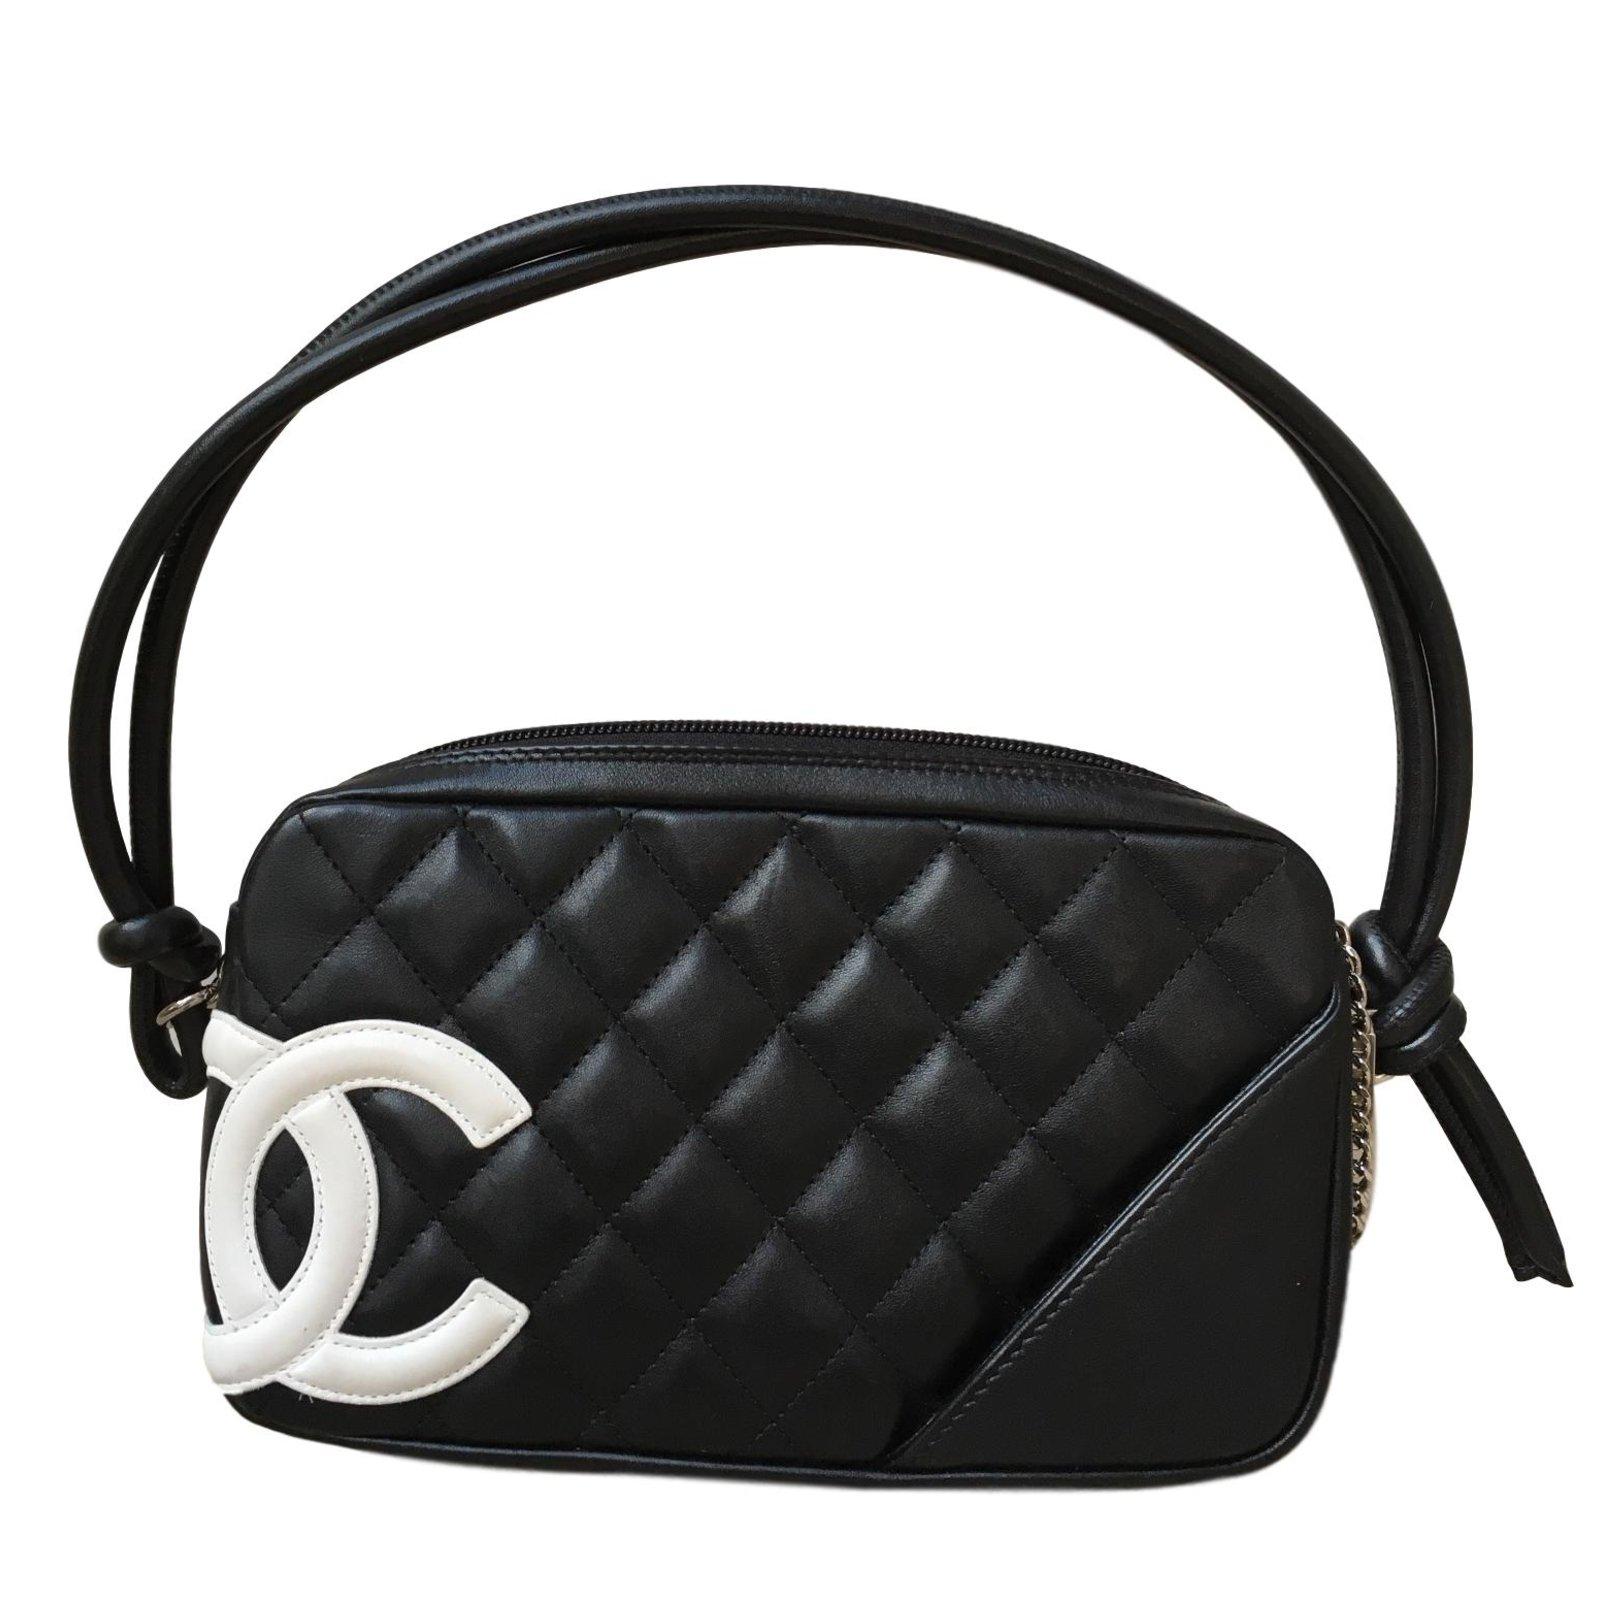 47a7ac248ed Sacs à main Chanel Sacs à main Cambon Cuir Noir ref.47475 - Joli Closet